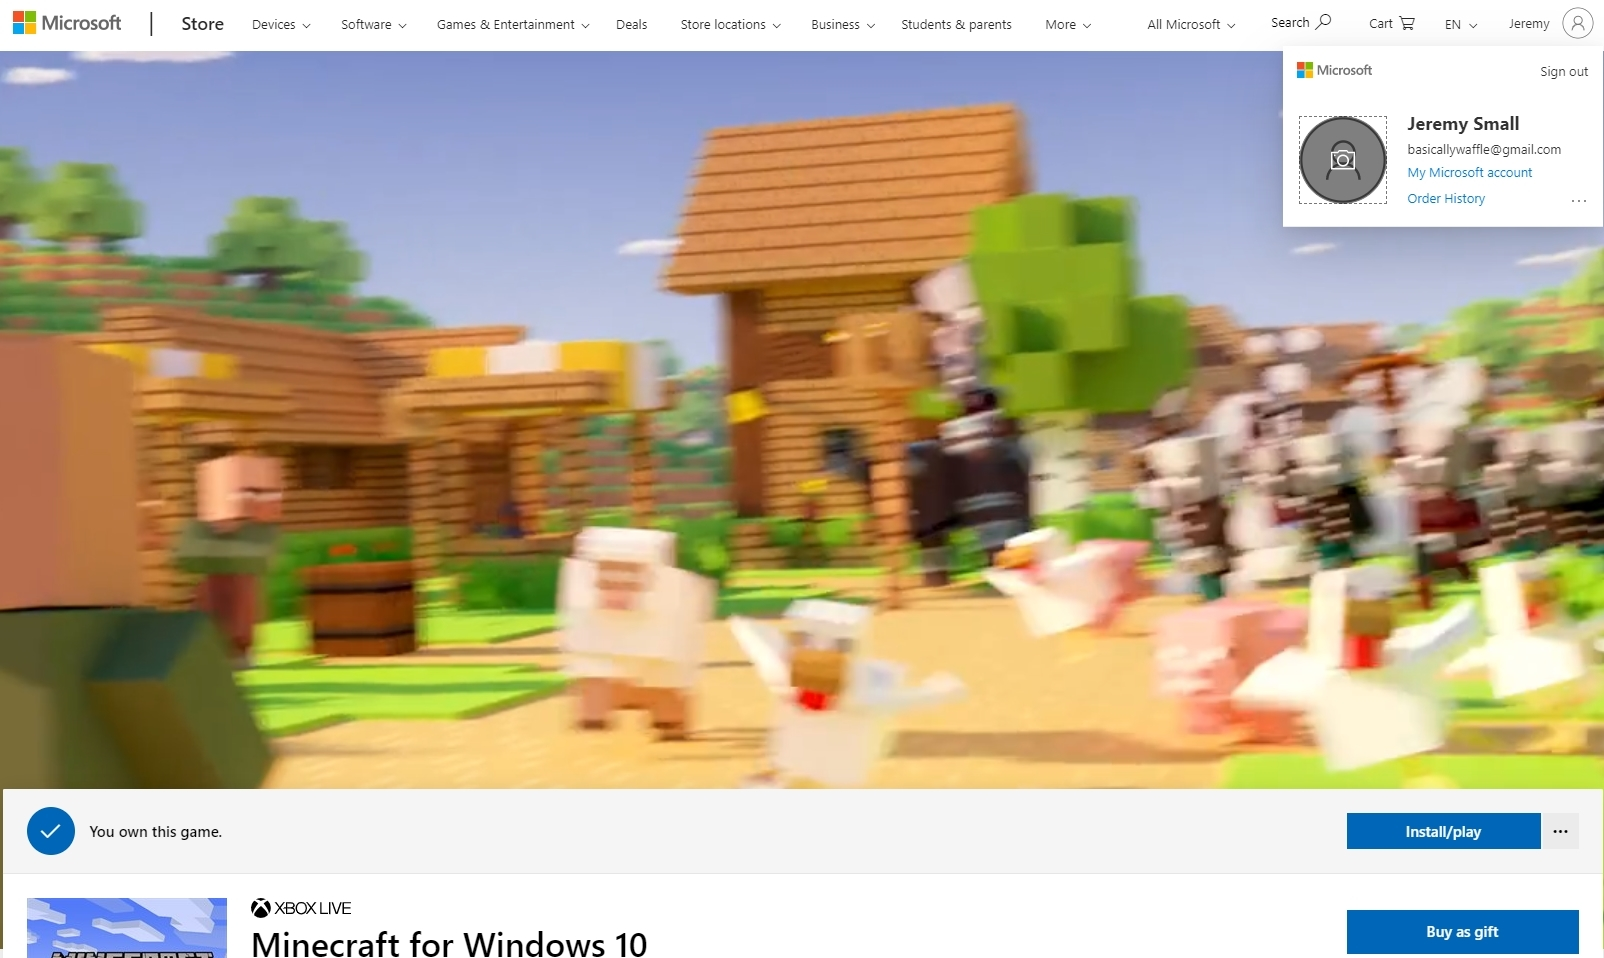 Minecraft Windows 10 Edition Install a0aee1f9-0971-4197-8ab2-f09a9afc88a8?upload=true.jpg